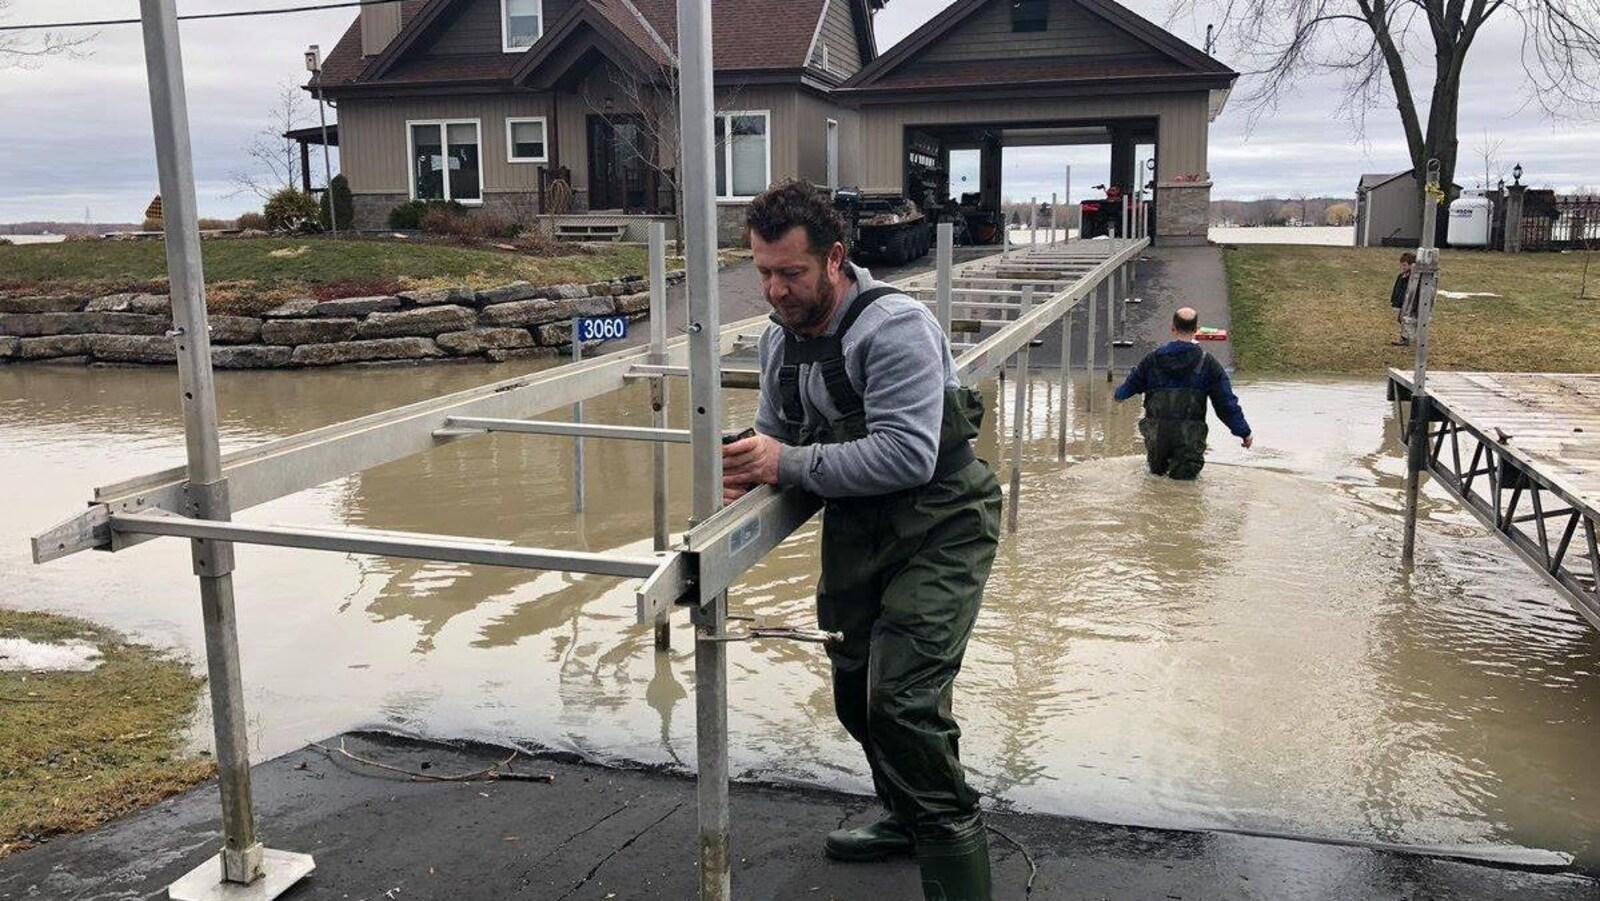 Deux hommes construisent un pont alors qu'ils ont de l'eau aux genoux.